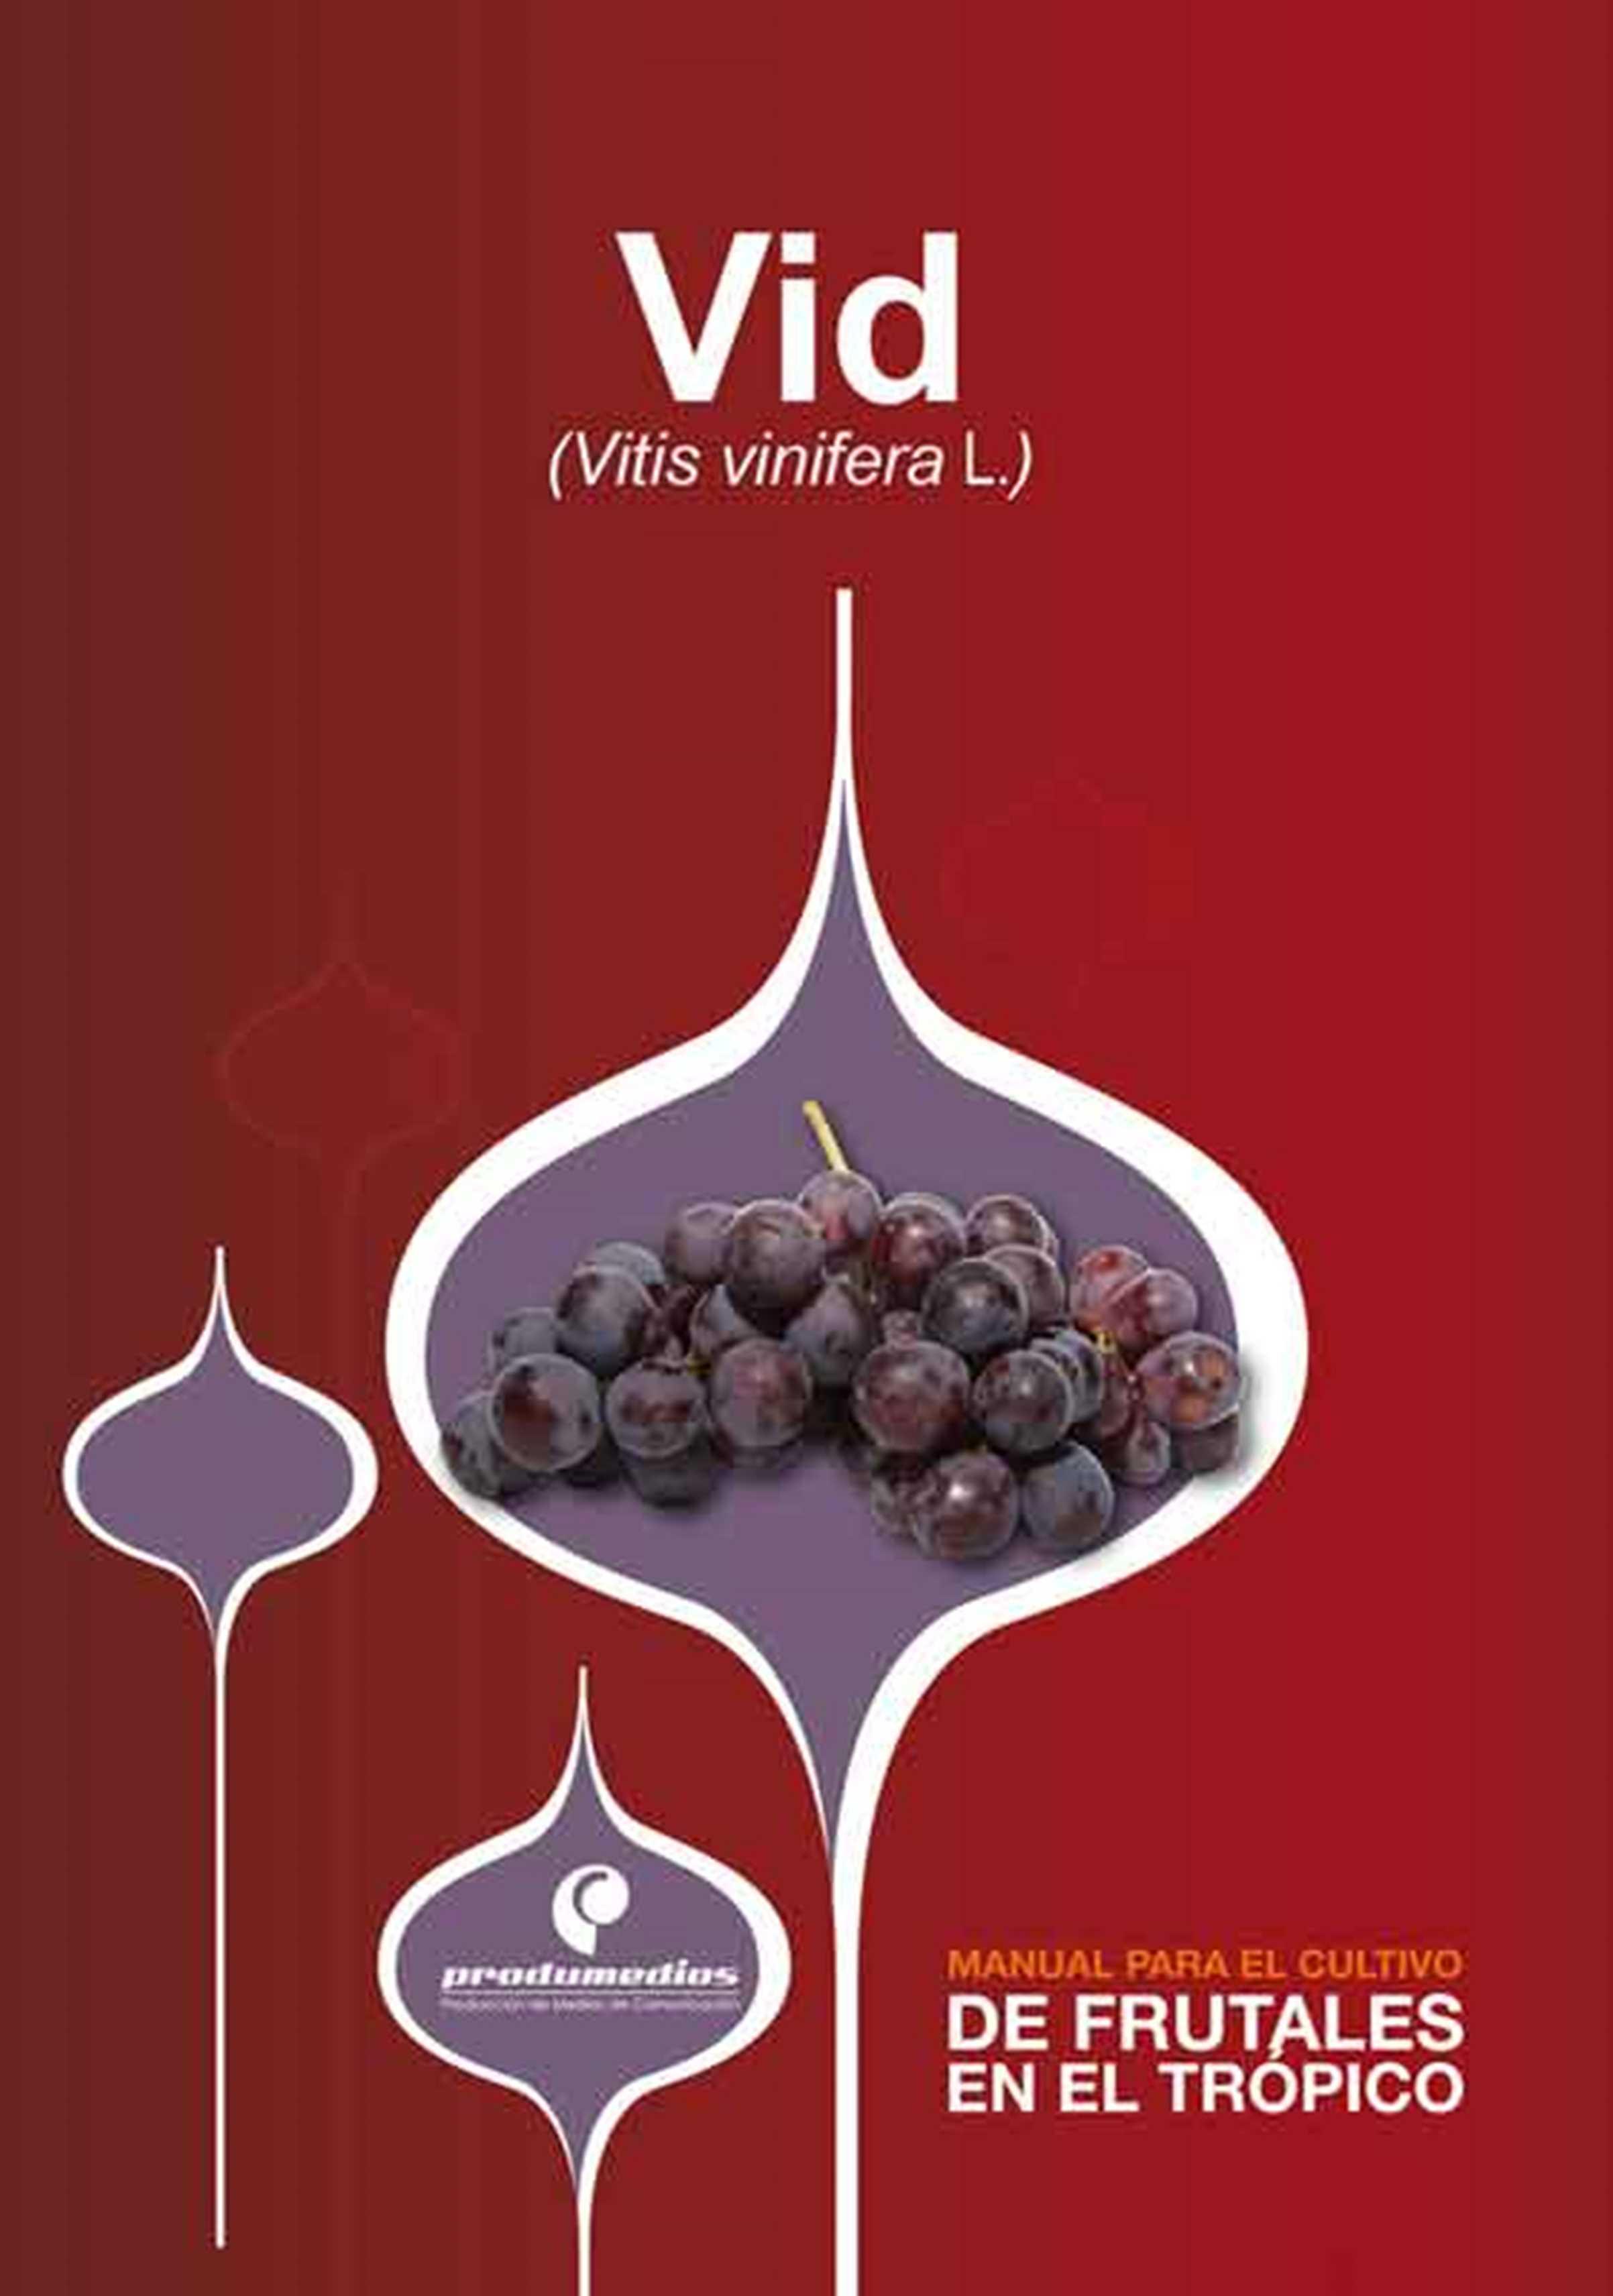 Pedro José Almanza Merchán Manual para el cultivo de frutales en el trópico. Vid fernão lopes chronica de el rei d pedro i portuguese edition